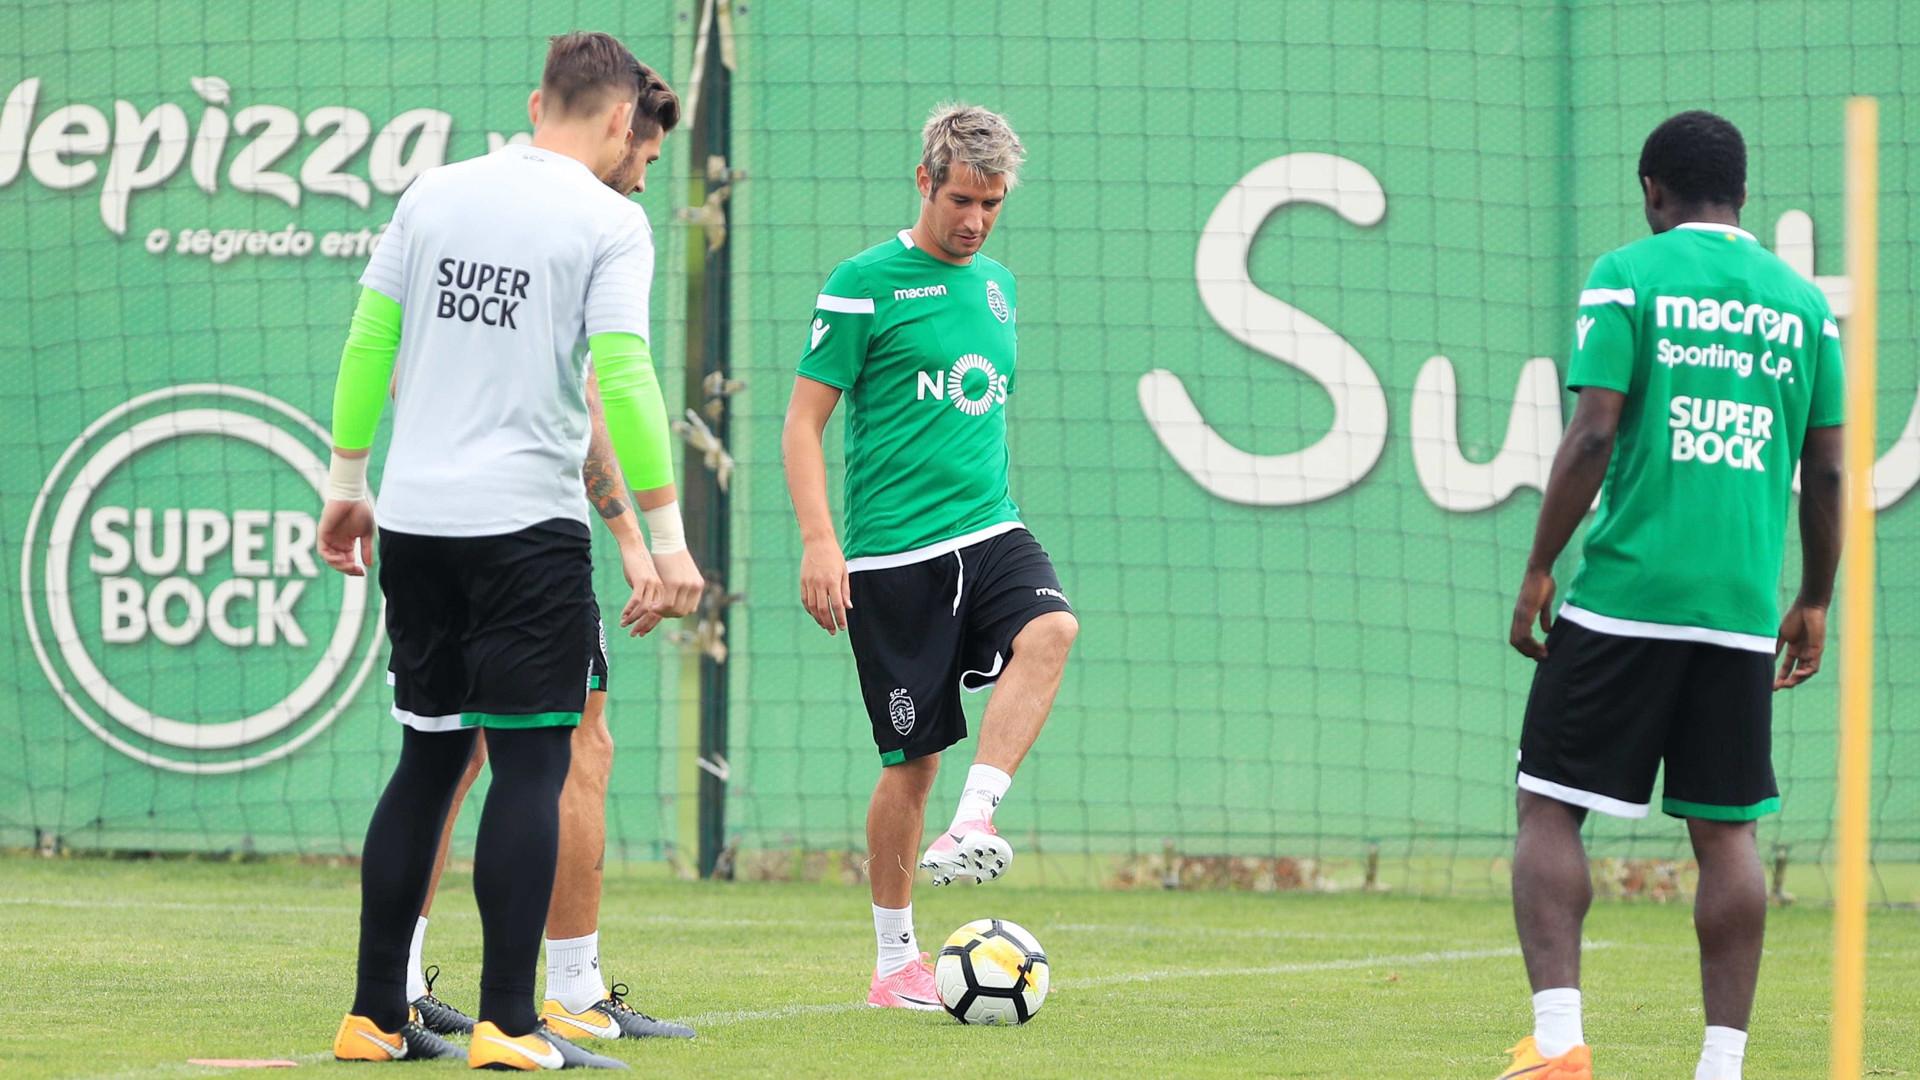 Coentrão não se apercebeu mas... insultou o Benfica